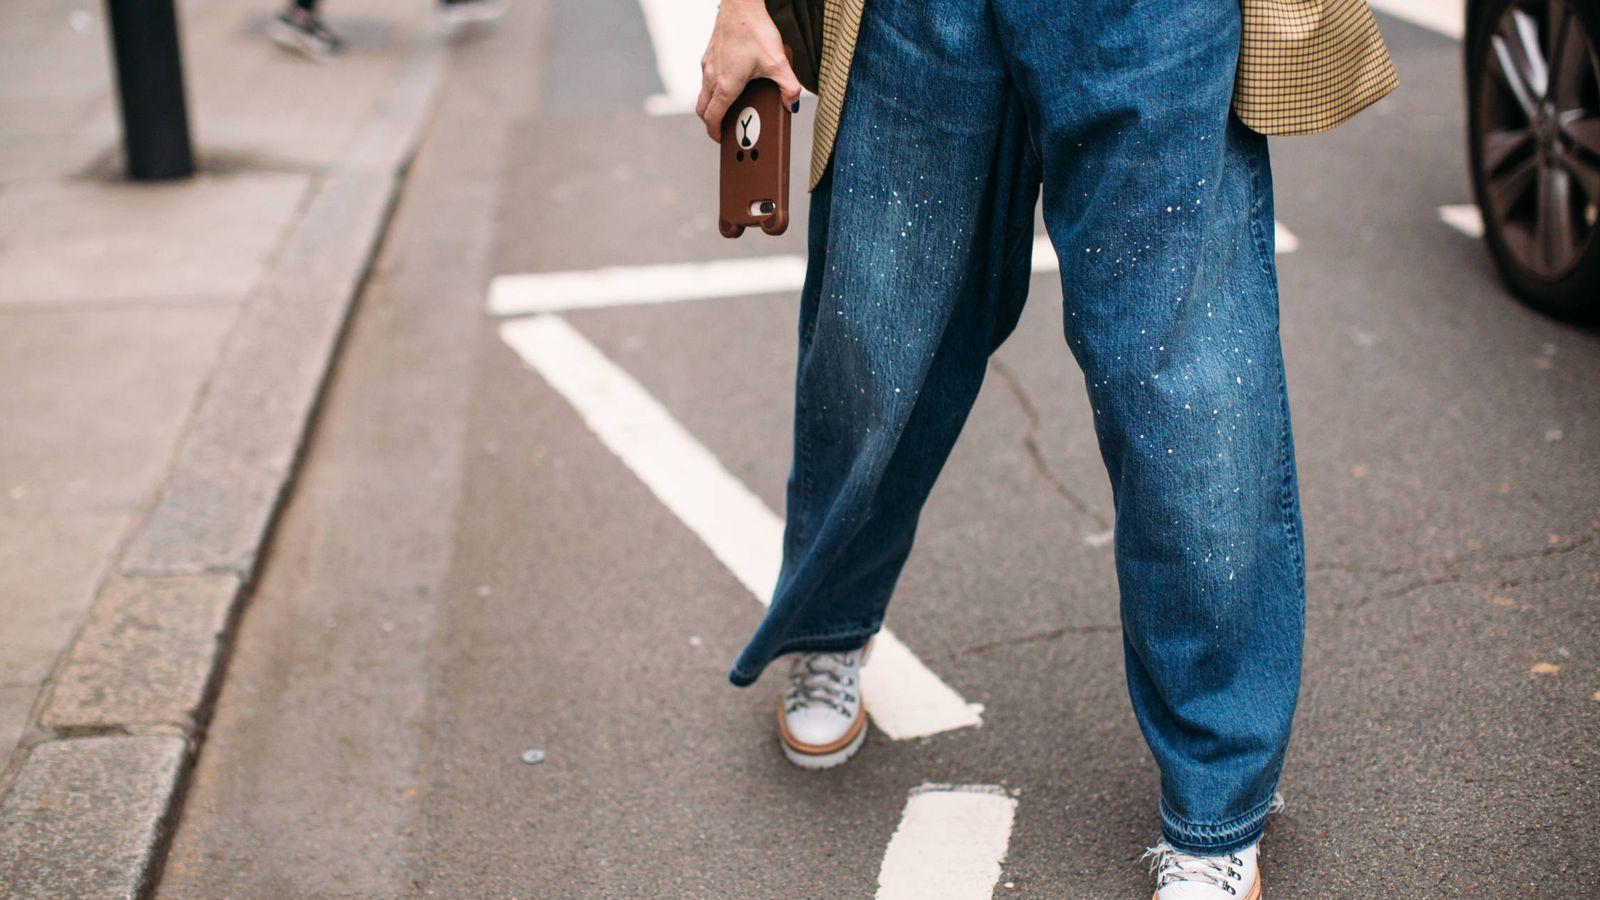 Foto: Las botas montañeras dominan las calles. (Imaxtree)